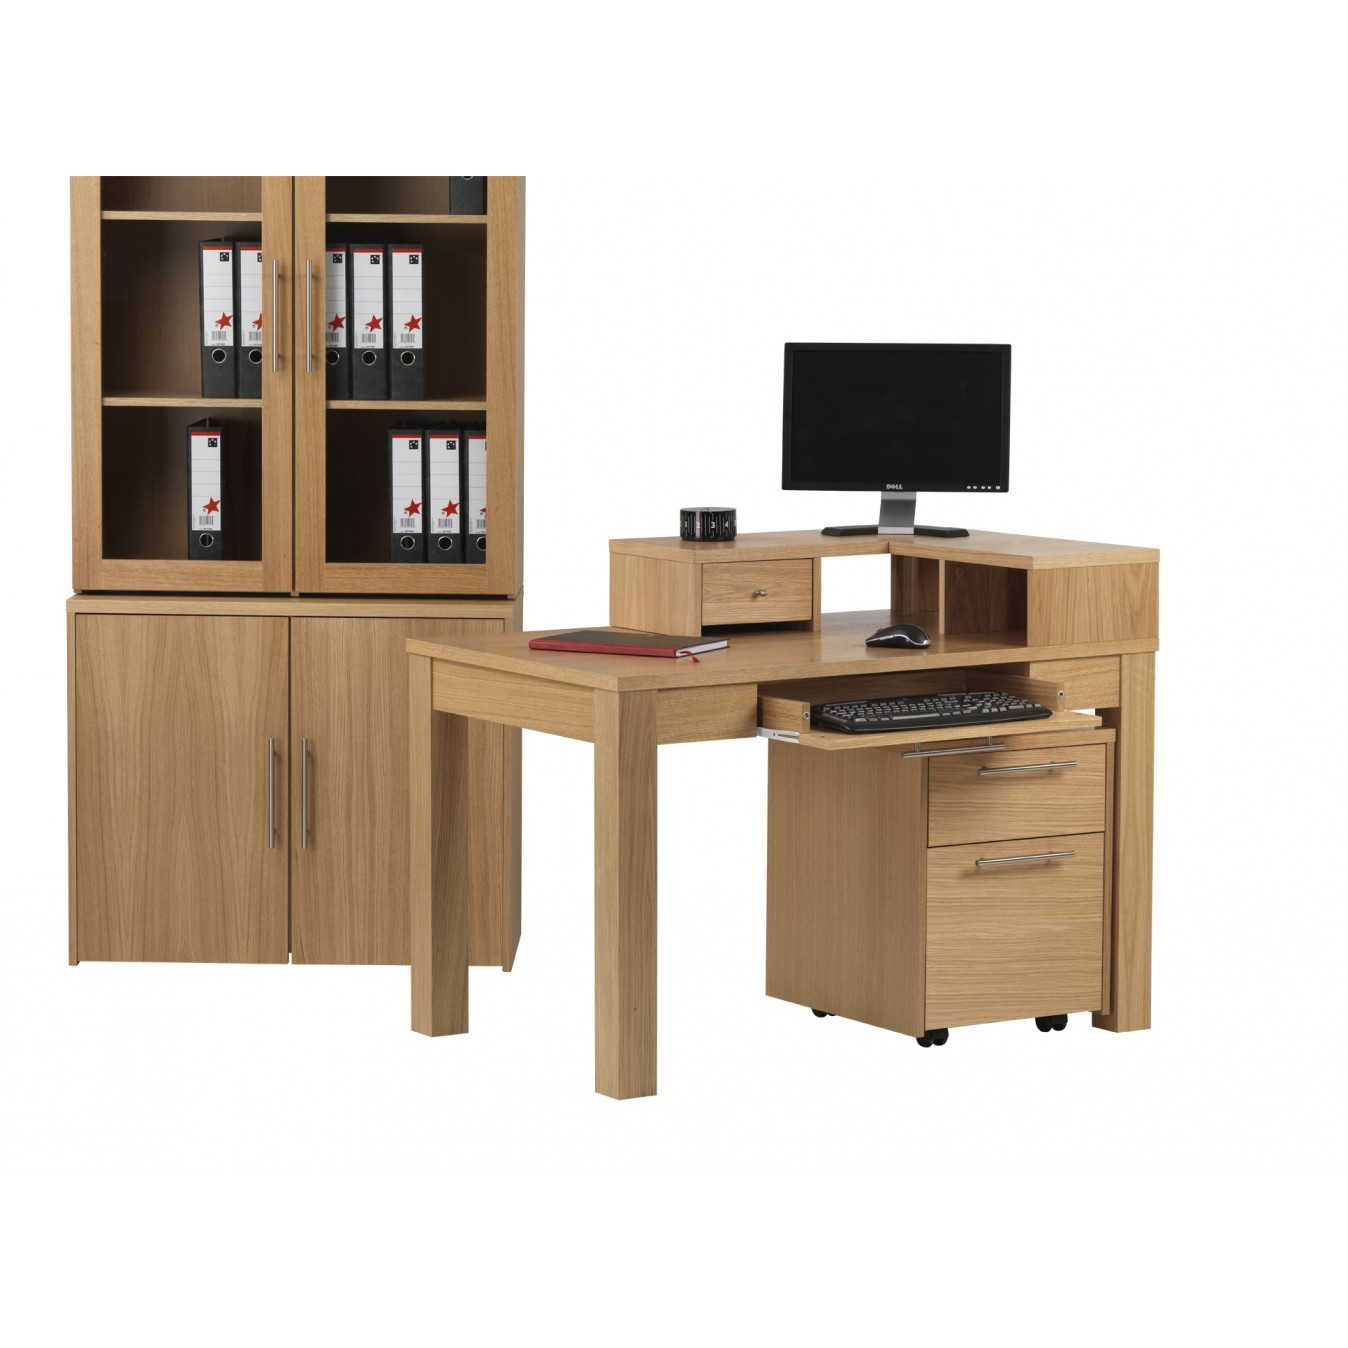 Outstanding Oakwood Corner Desktop Hutch Download Free Architecture Designs Scobabritishbridgeorg